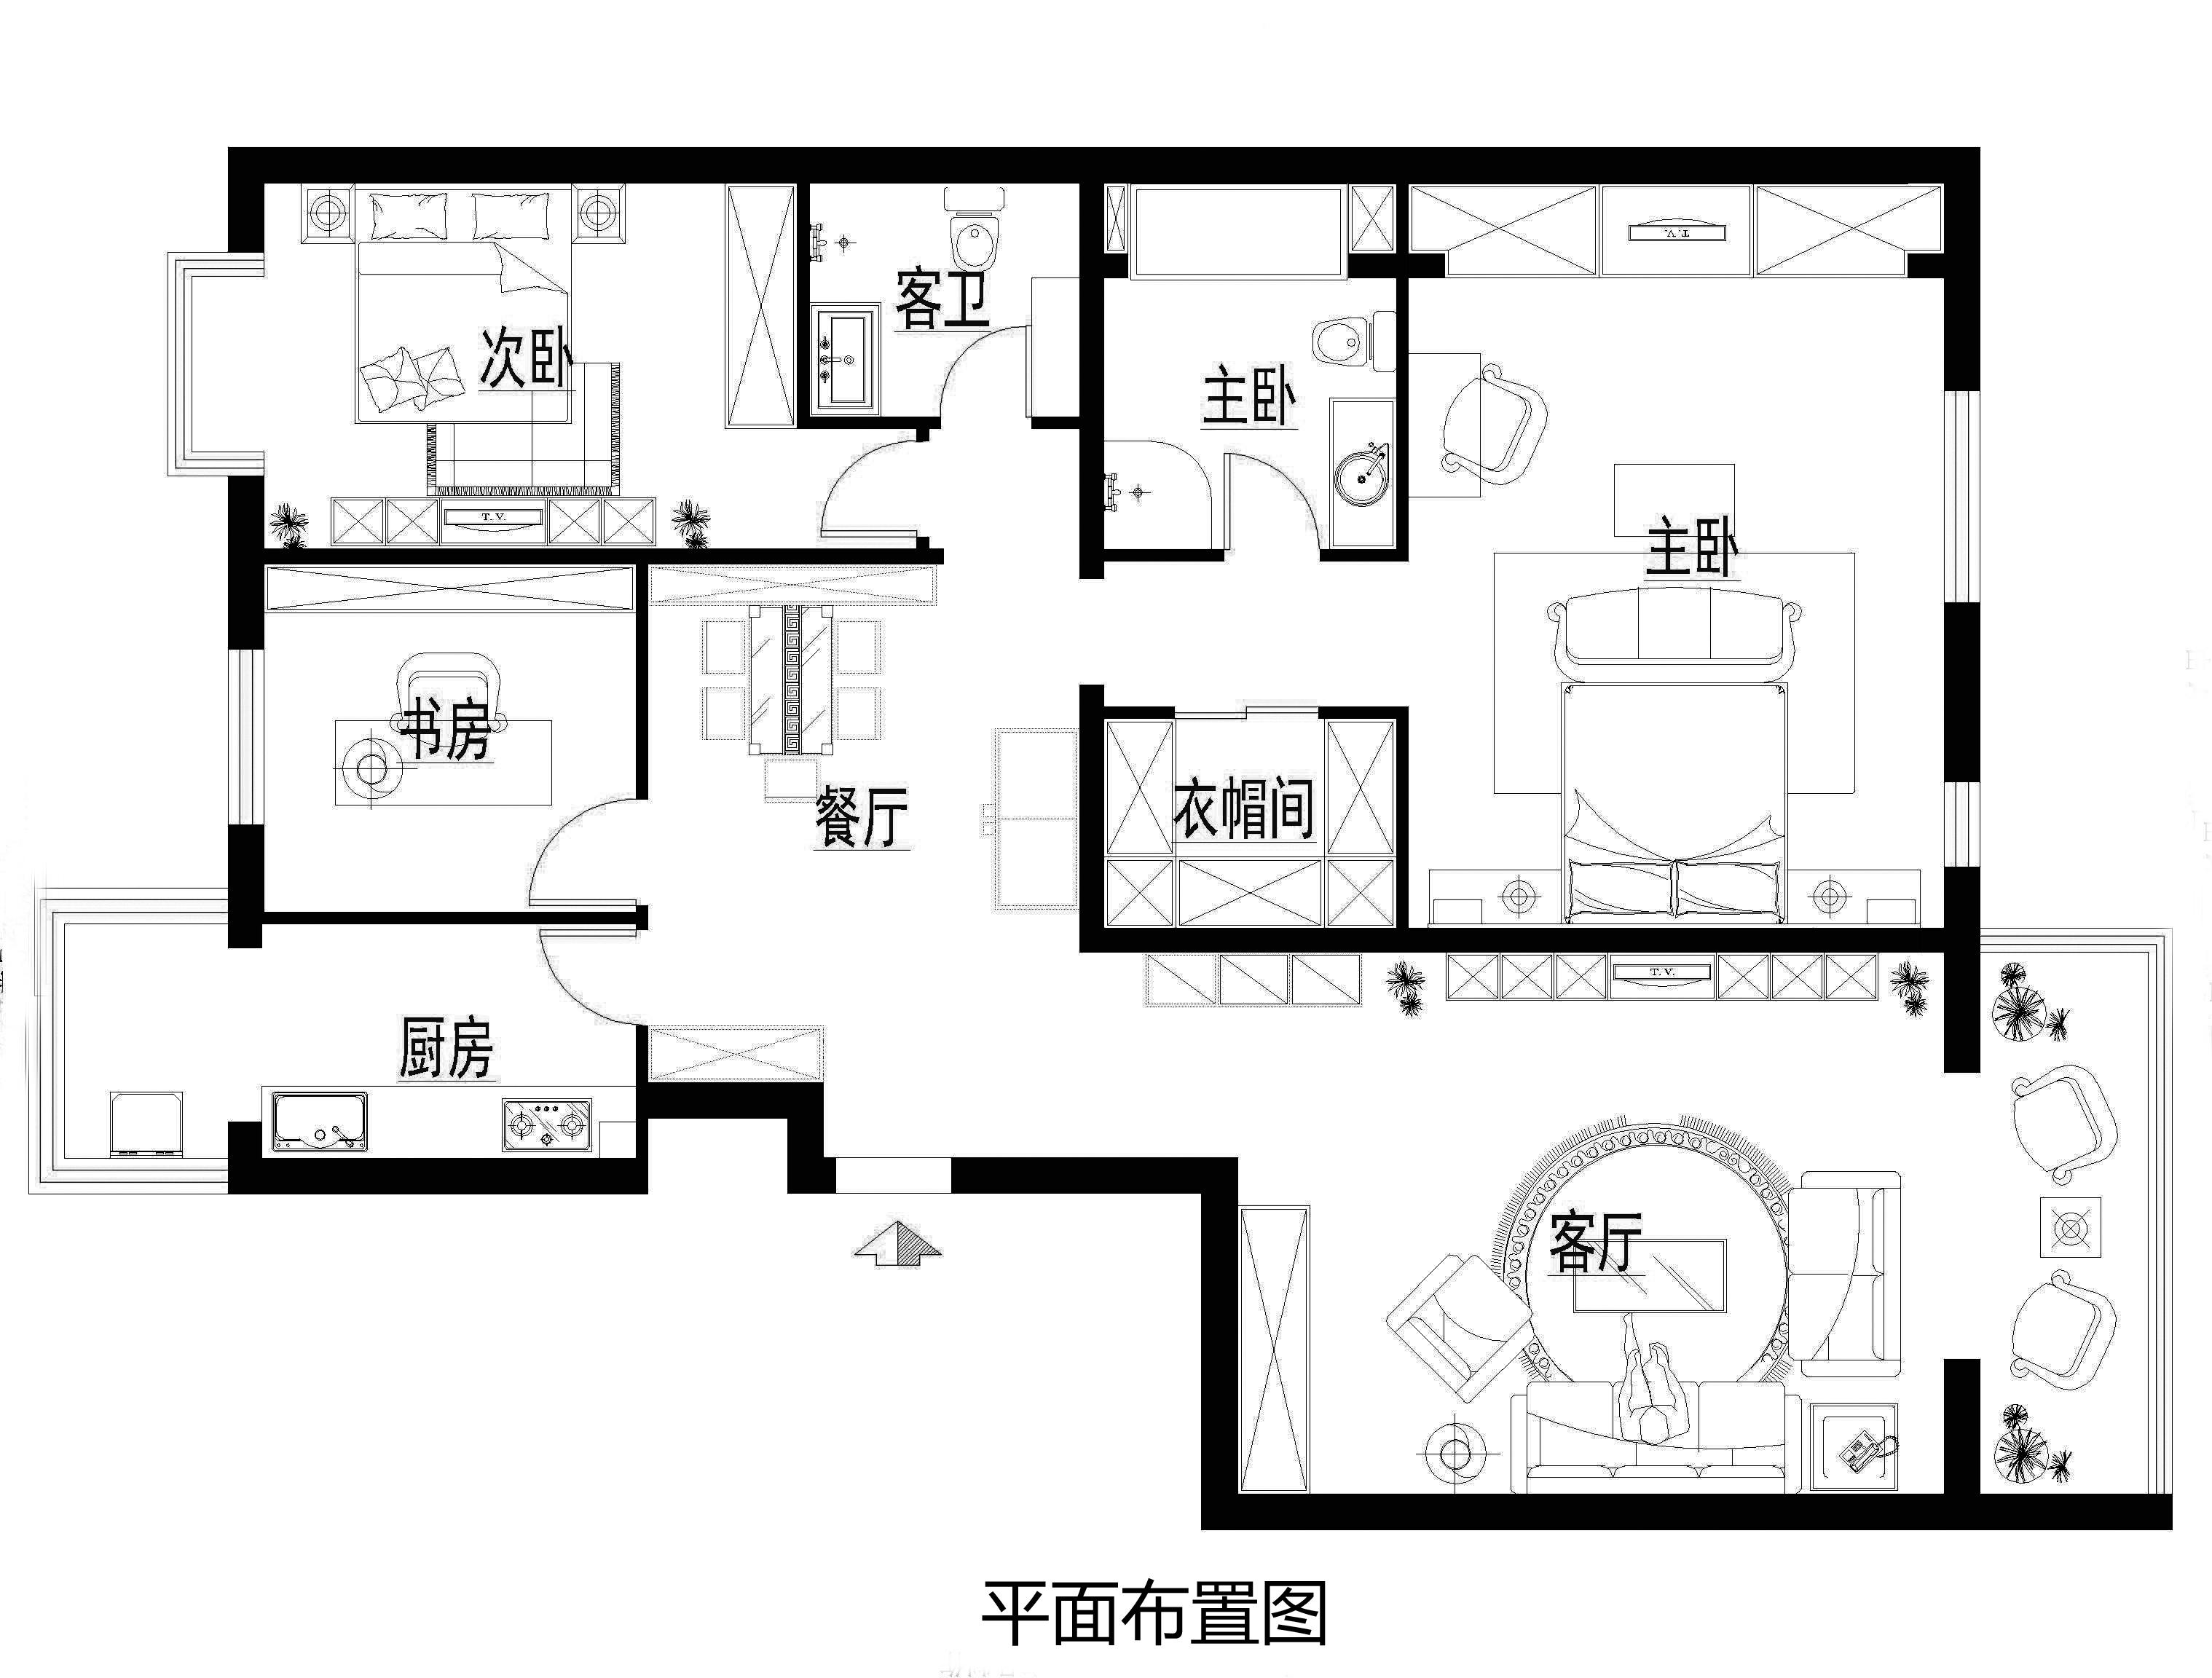 欧式 经典 三居 丽都东镇 小资 户型图图片来自北京实创装饰集团在150平米三居室的欧式经典的分享